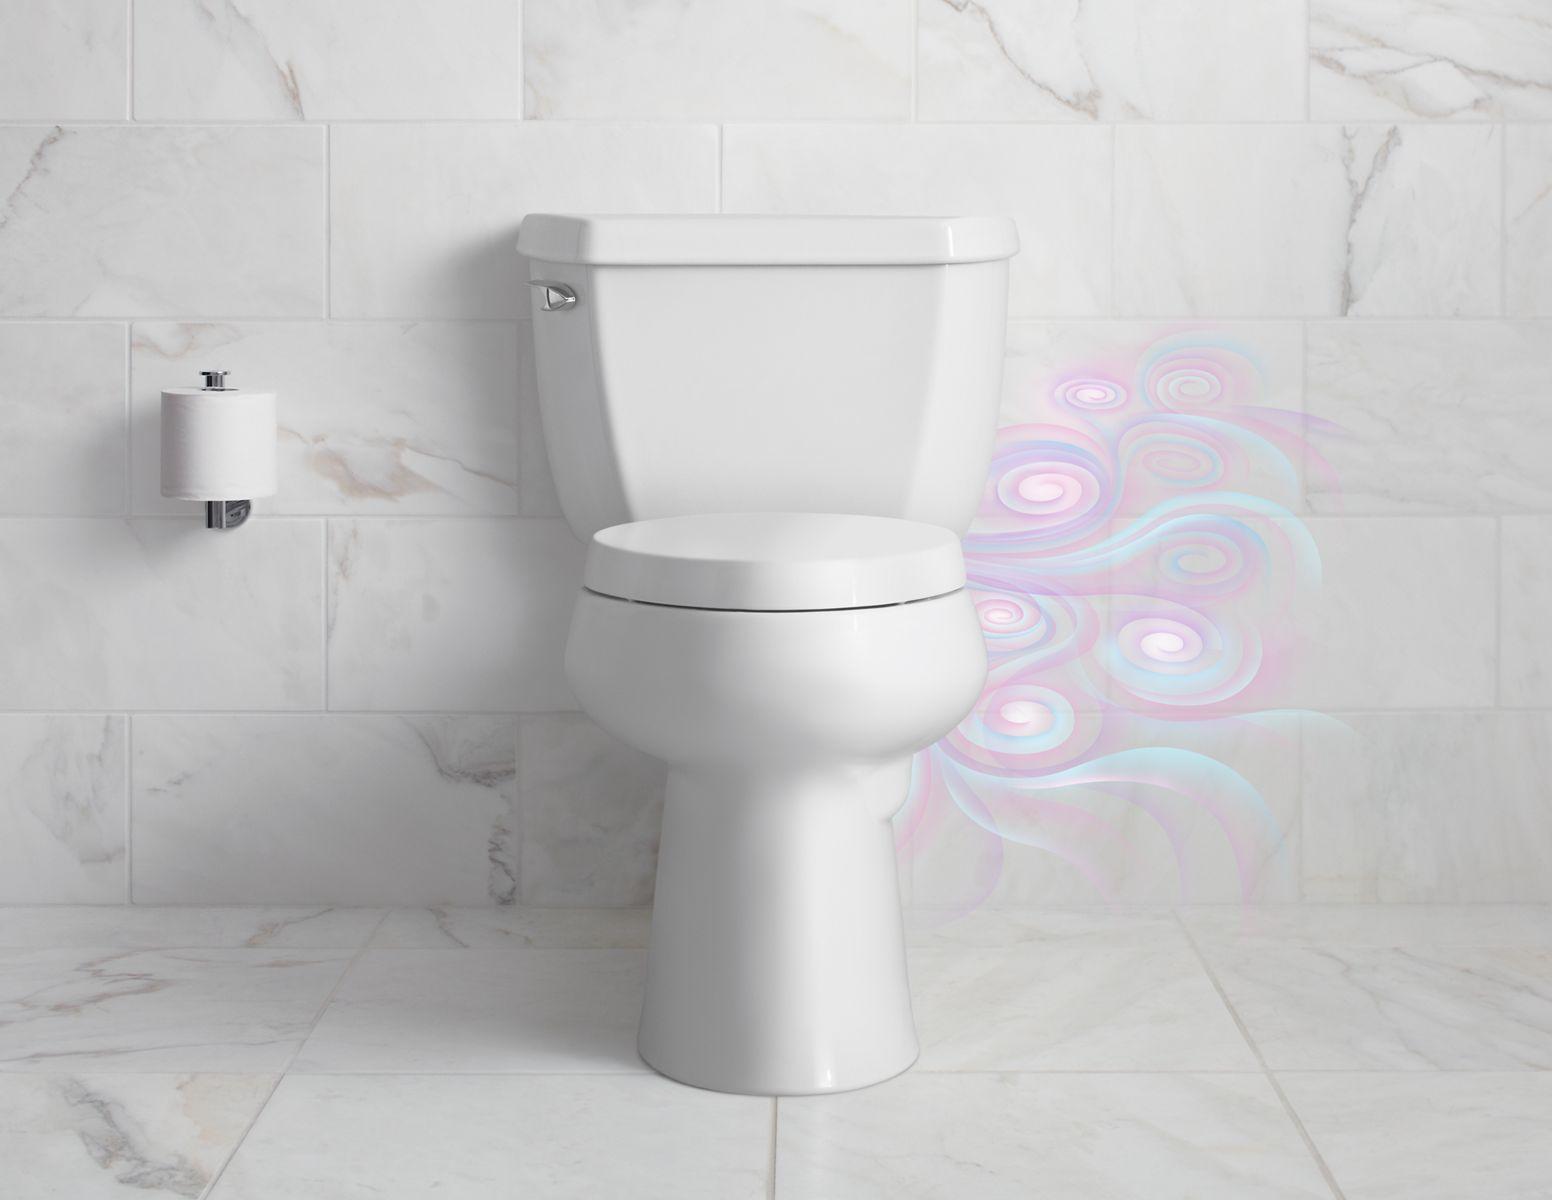 Toilet Seat 101